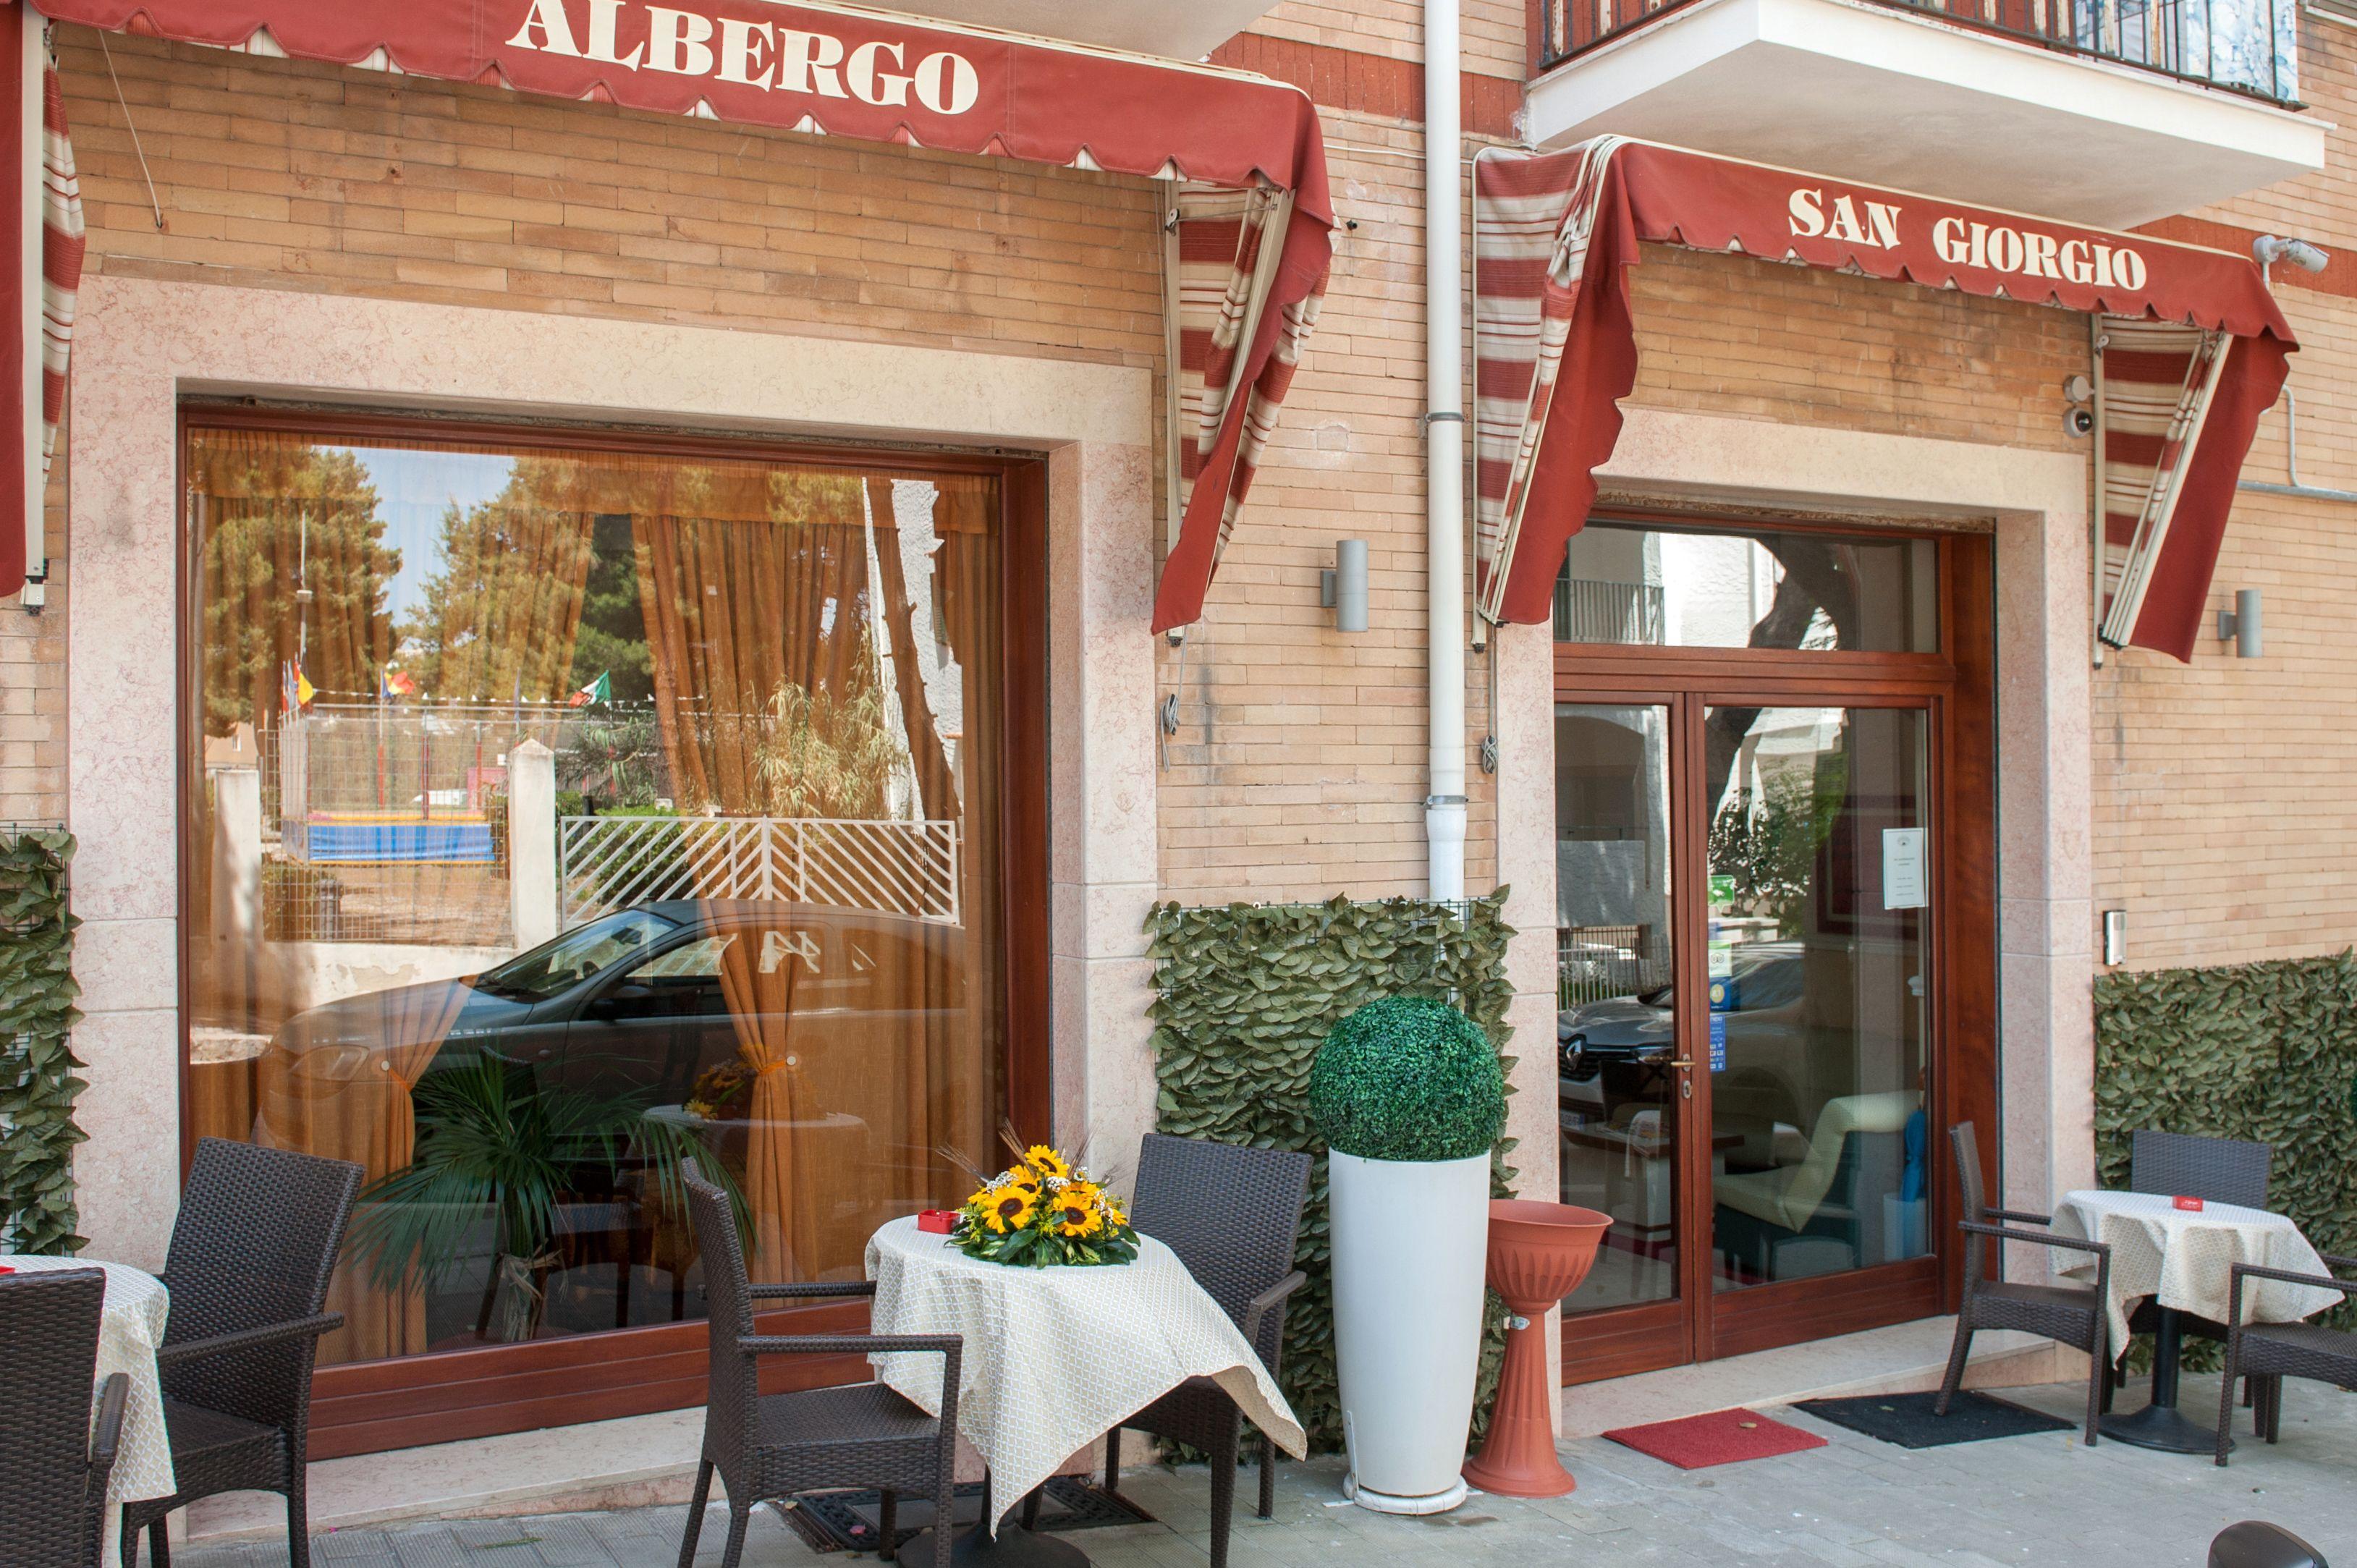 Albergo San Giorgio